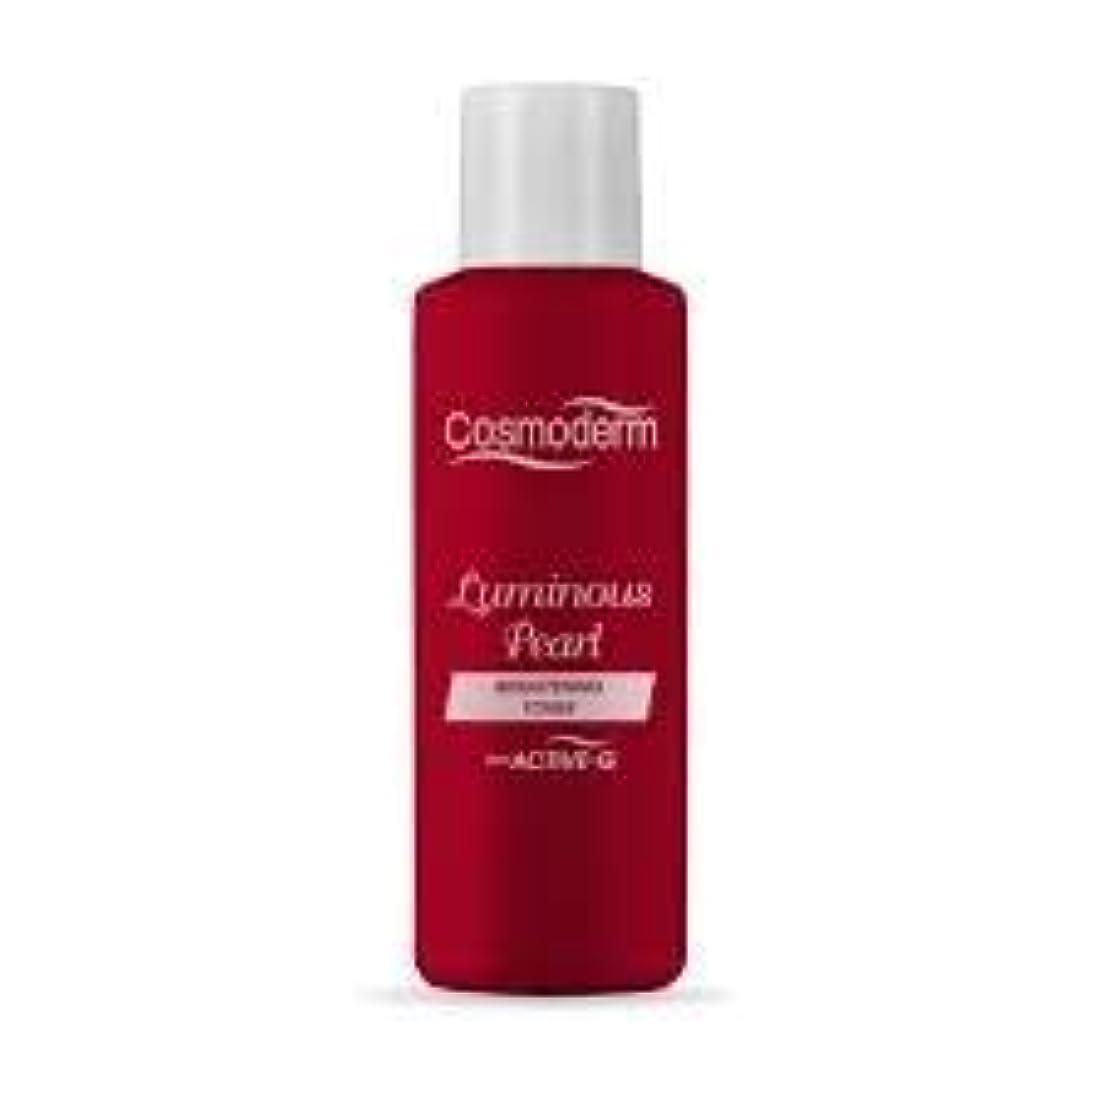 注ぎますメキシコ利益COSMODERM パールは、発光トナーを増白剤と百ミリリットルを照射すると、残留洗剤の肌のトーンを除去することにより、-helps。細胞の再生を促進し、肌を明るく